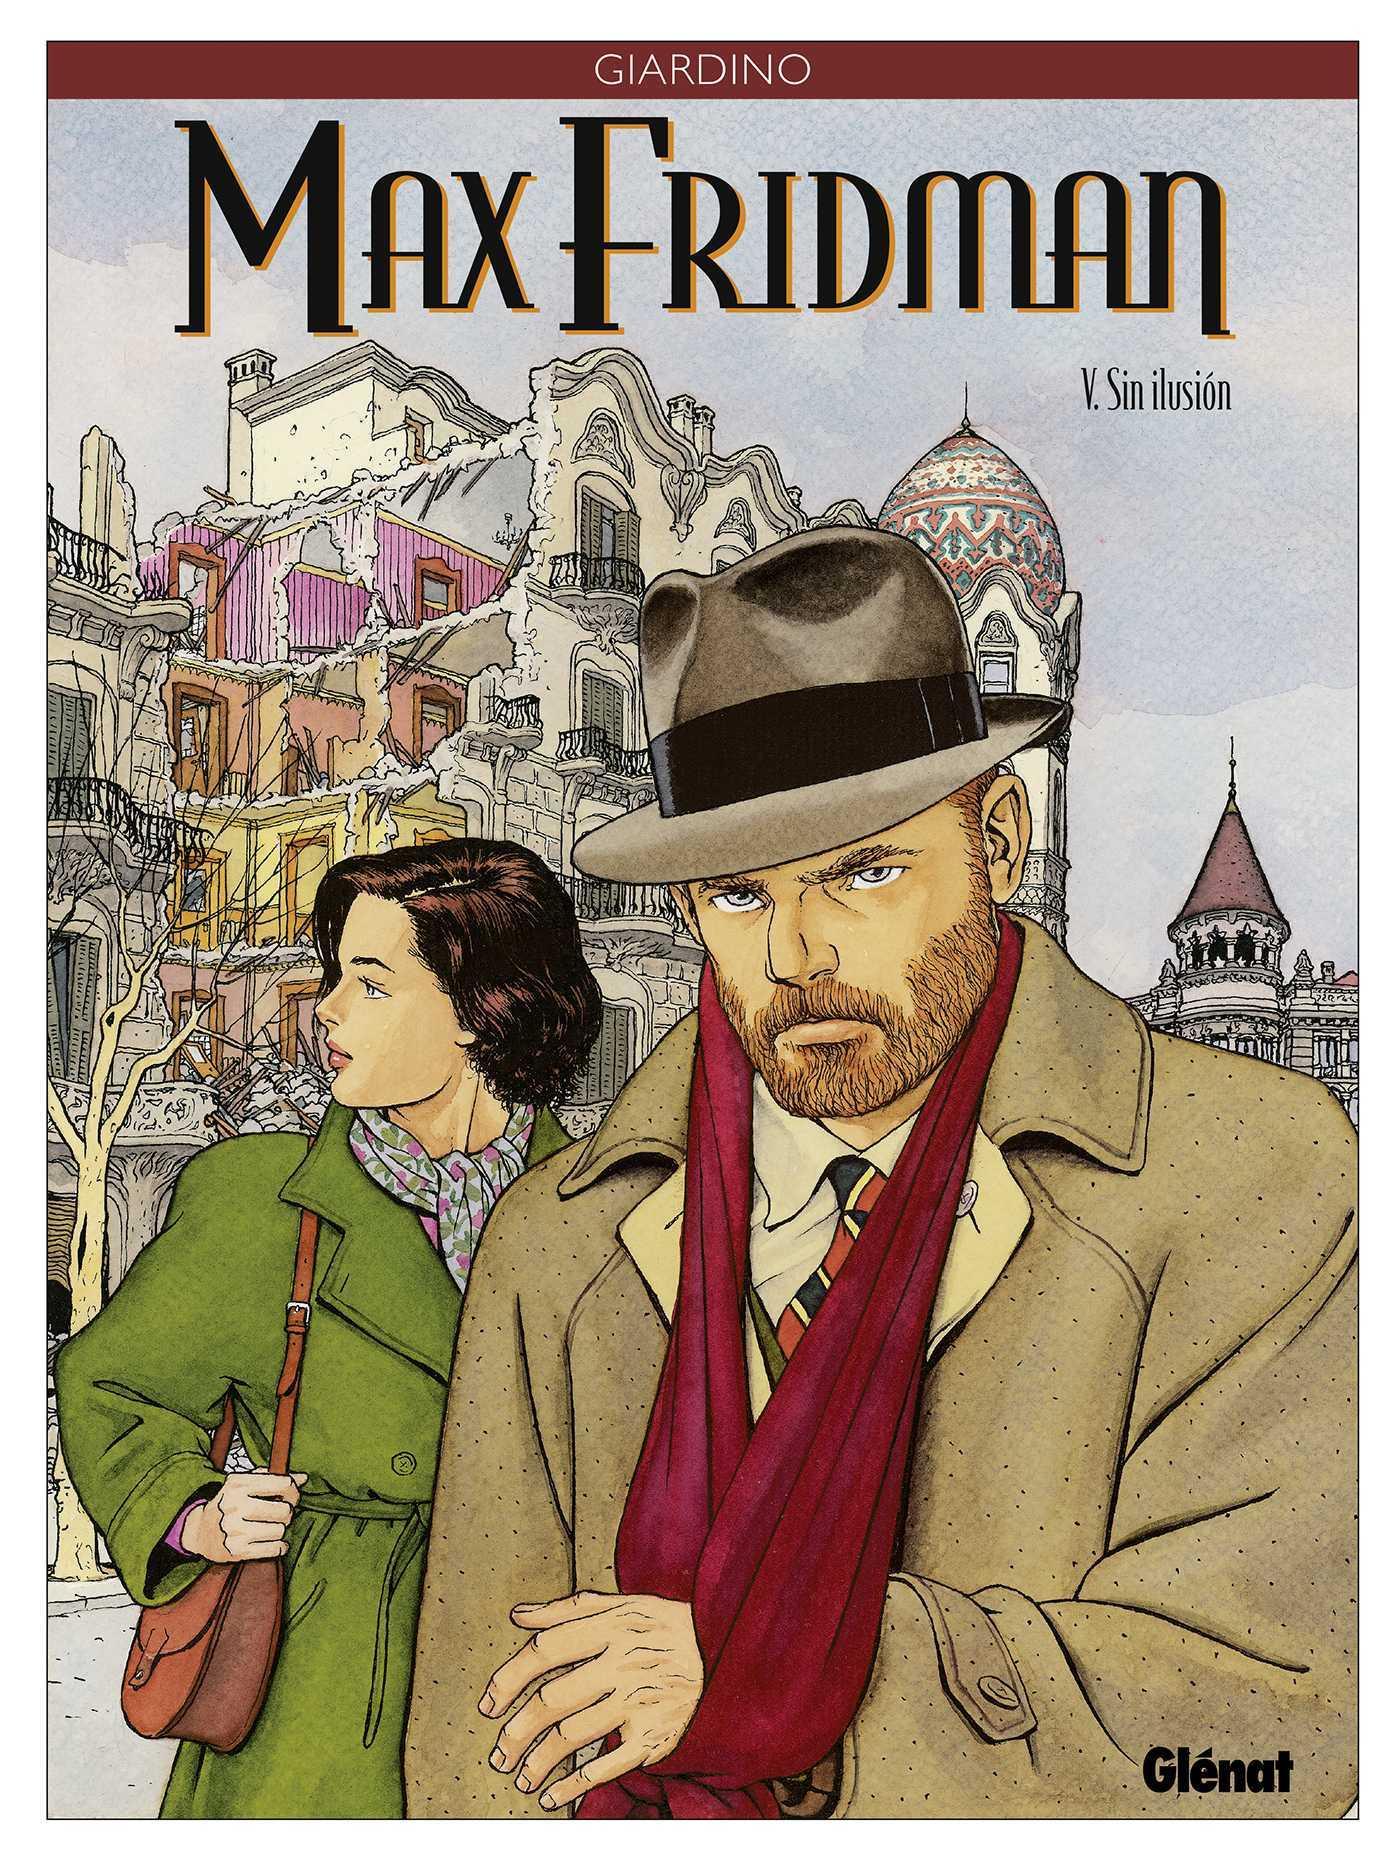 Archives : Quand Giardino annonçait la suite de Jonas Fink... à la sortie d'un Max Fridman